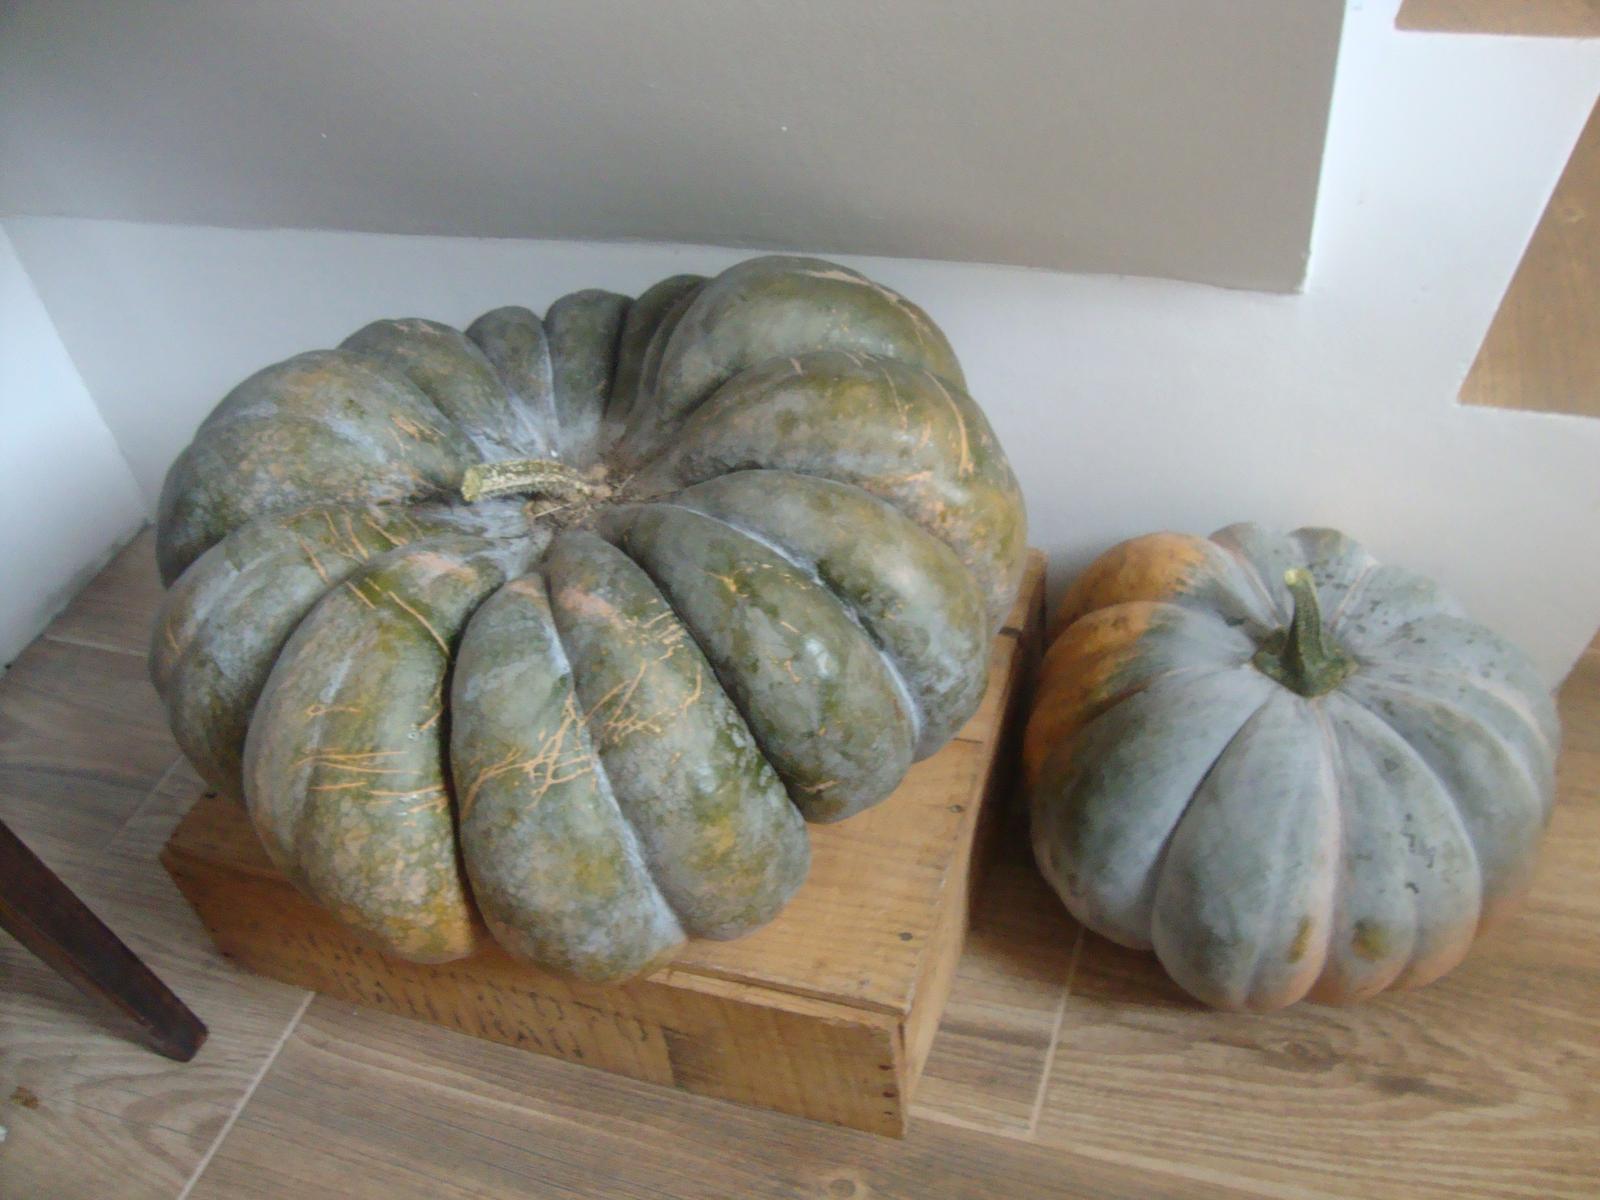 Kytičky - muškátové dýně- vypěstované ze semínka, největší má průměr 40 cm, ještě 4 čekají na sklizení, takže nebudeme asi jíst nic jiného než dýně :)